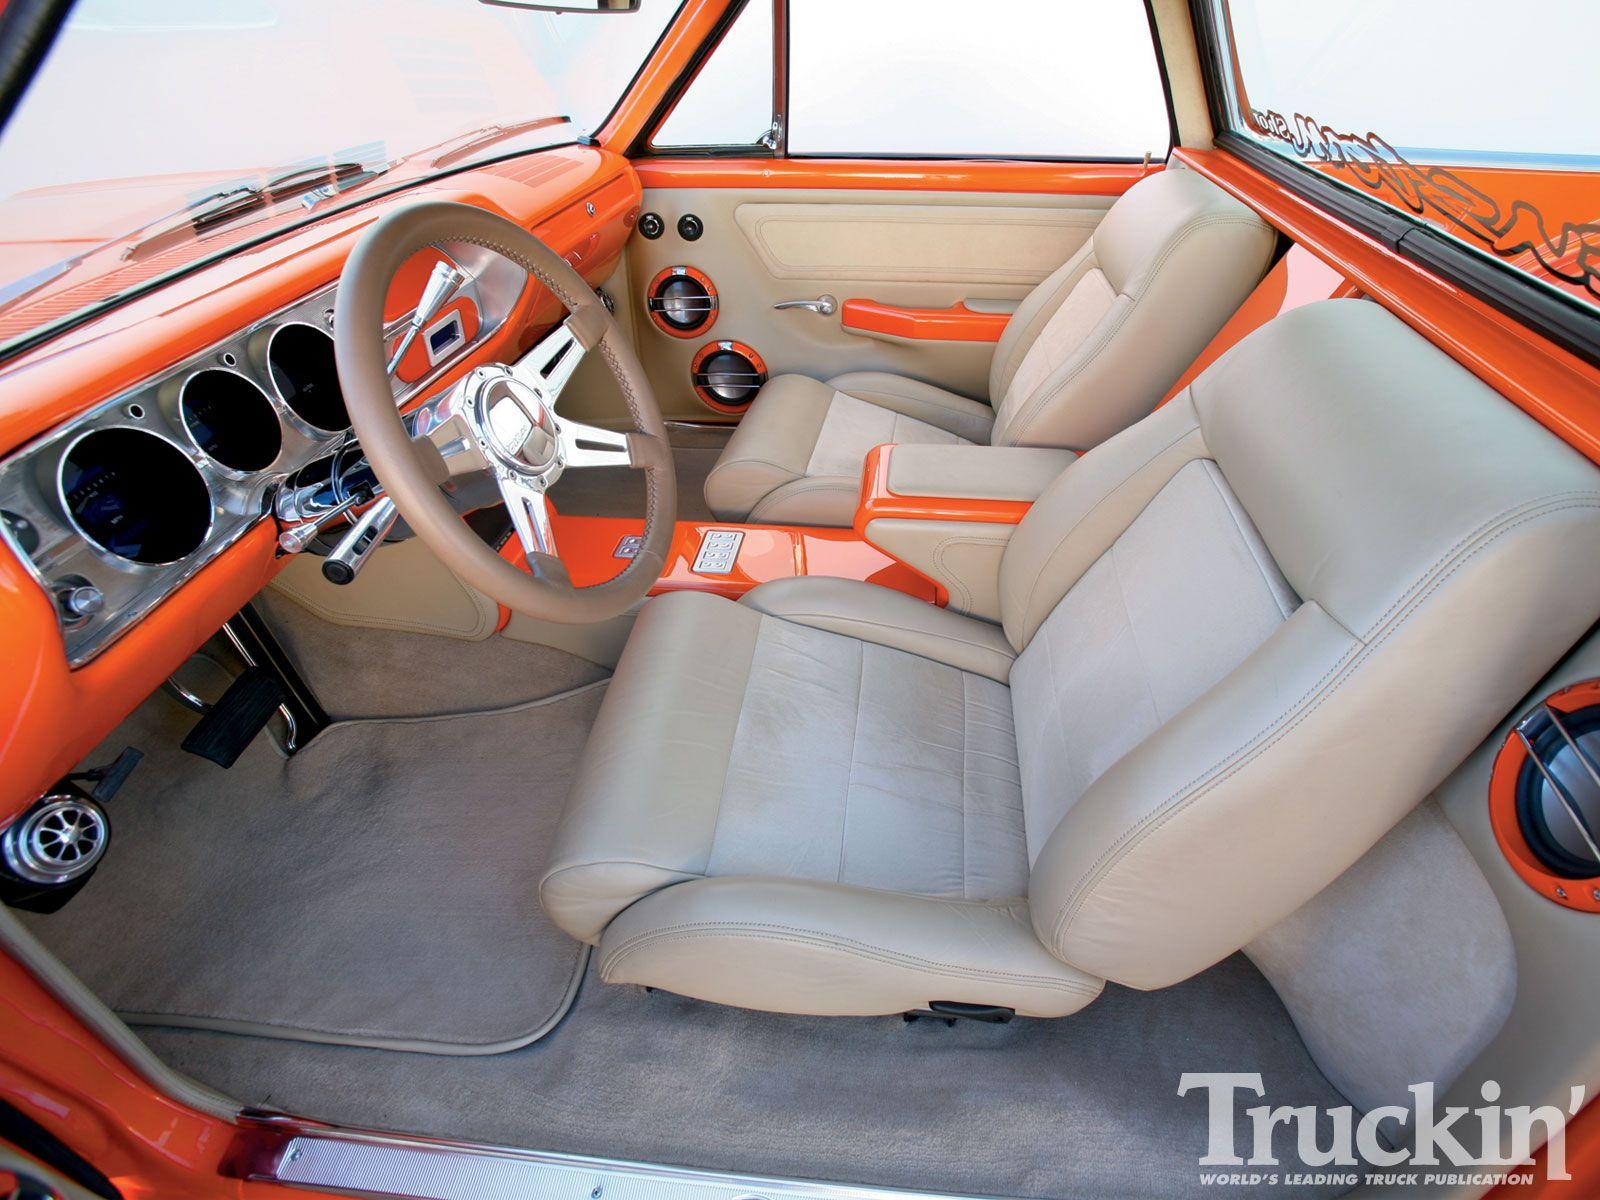 1965 Chevy El Camino 350 V8 Chevy Engine Truckin Magazine